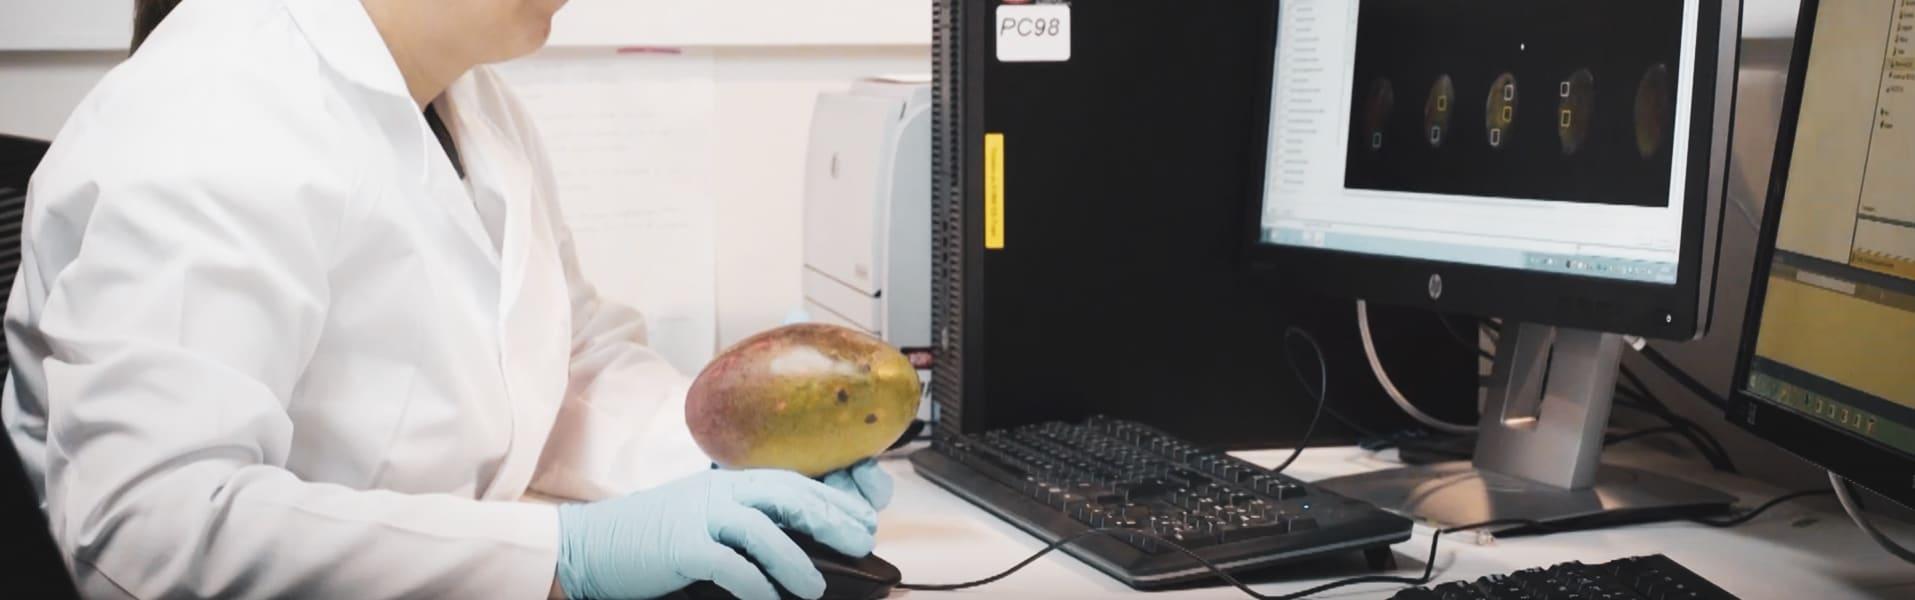 Mangos, aguacates y transformación digital: el inspirador caso de Trops